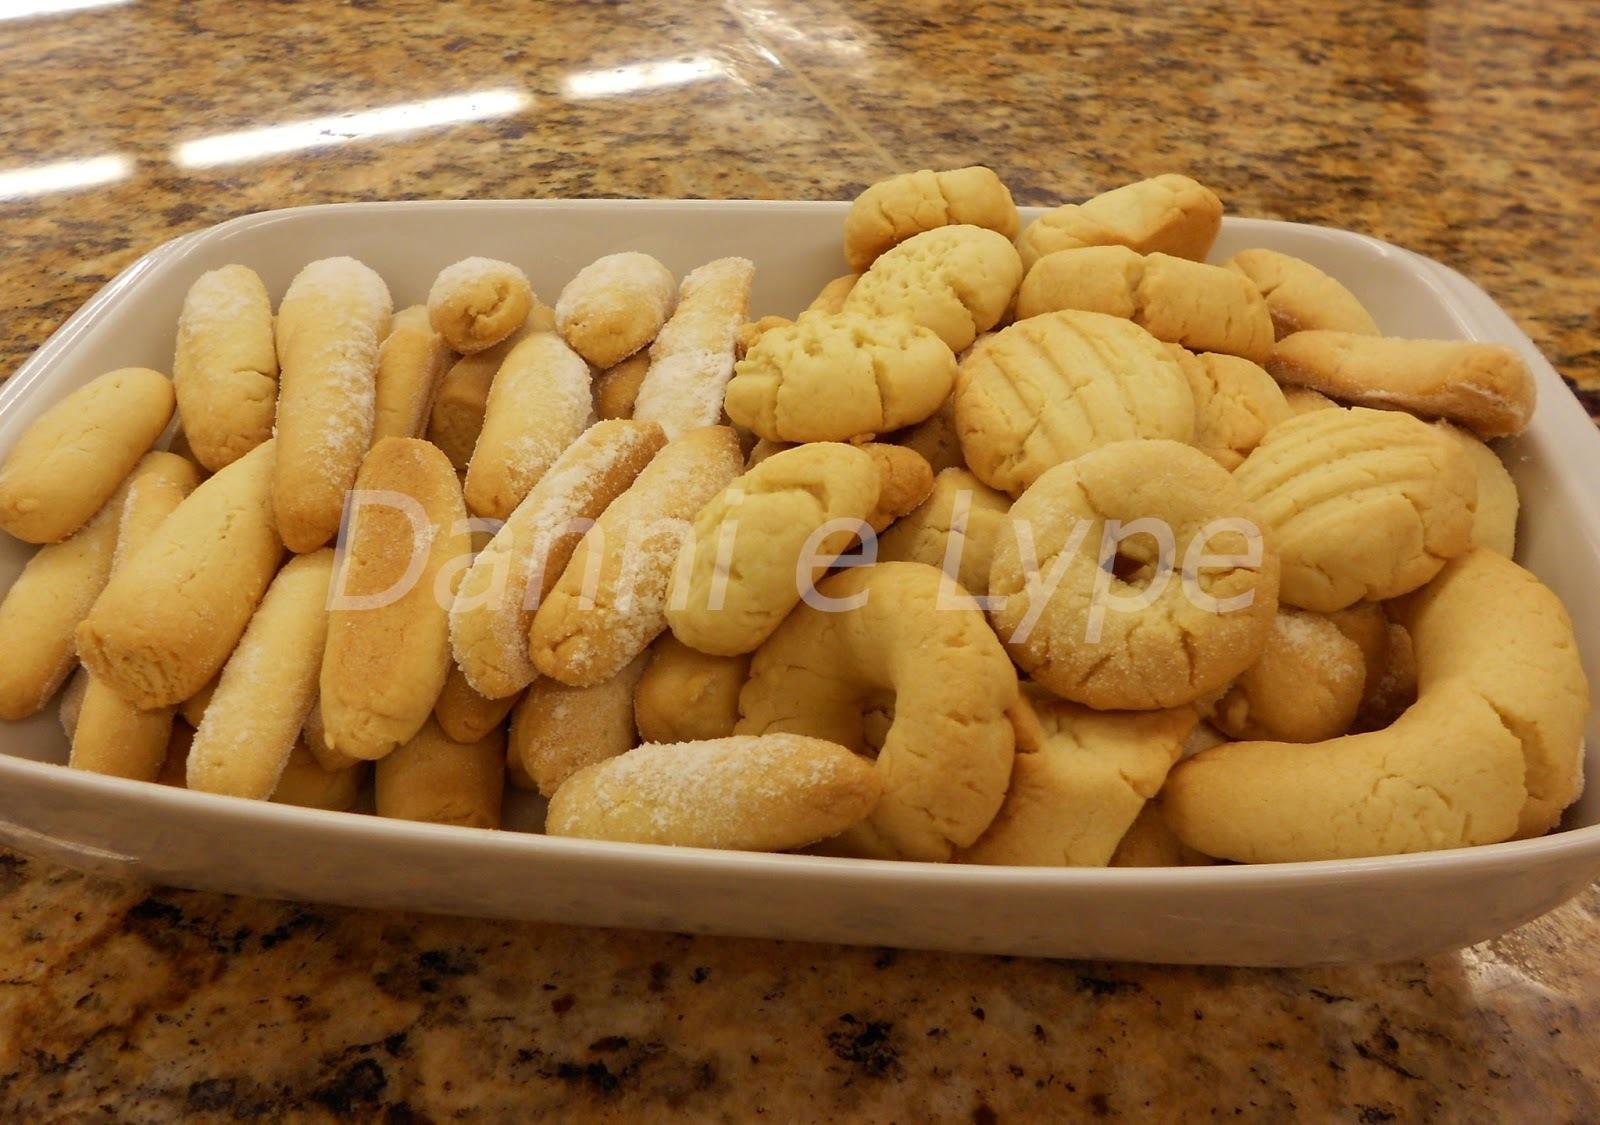 biscoito de polvilho doce e trigo assado